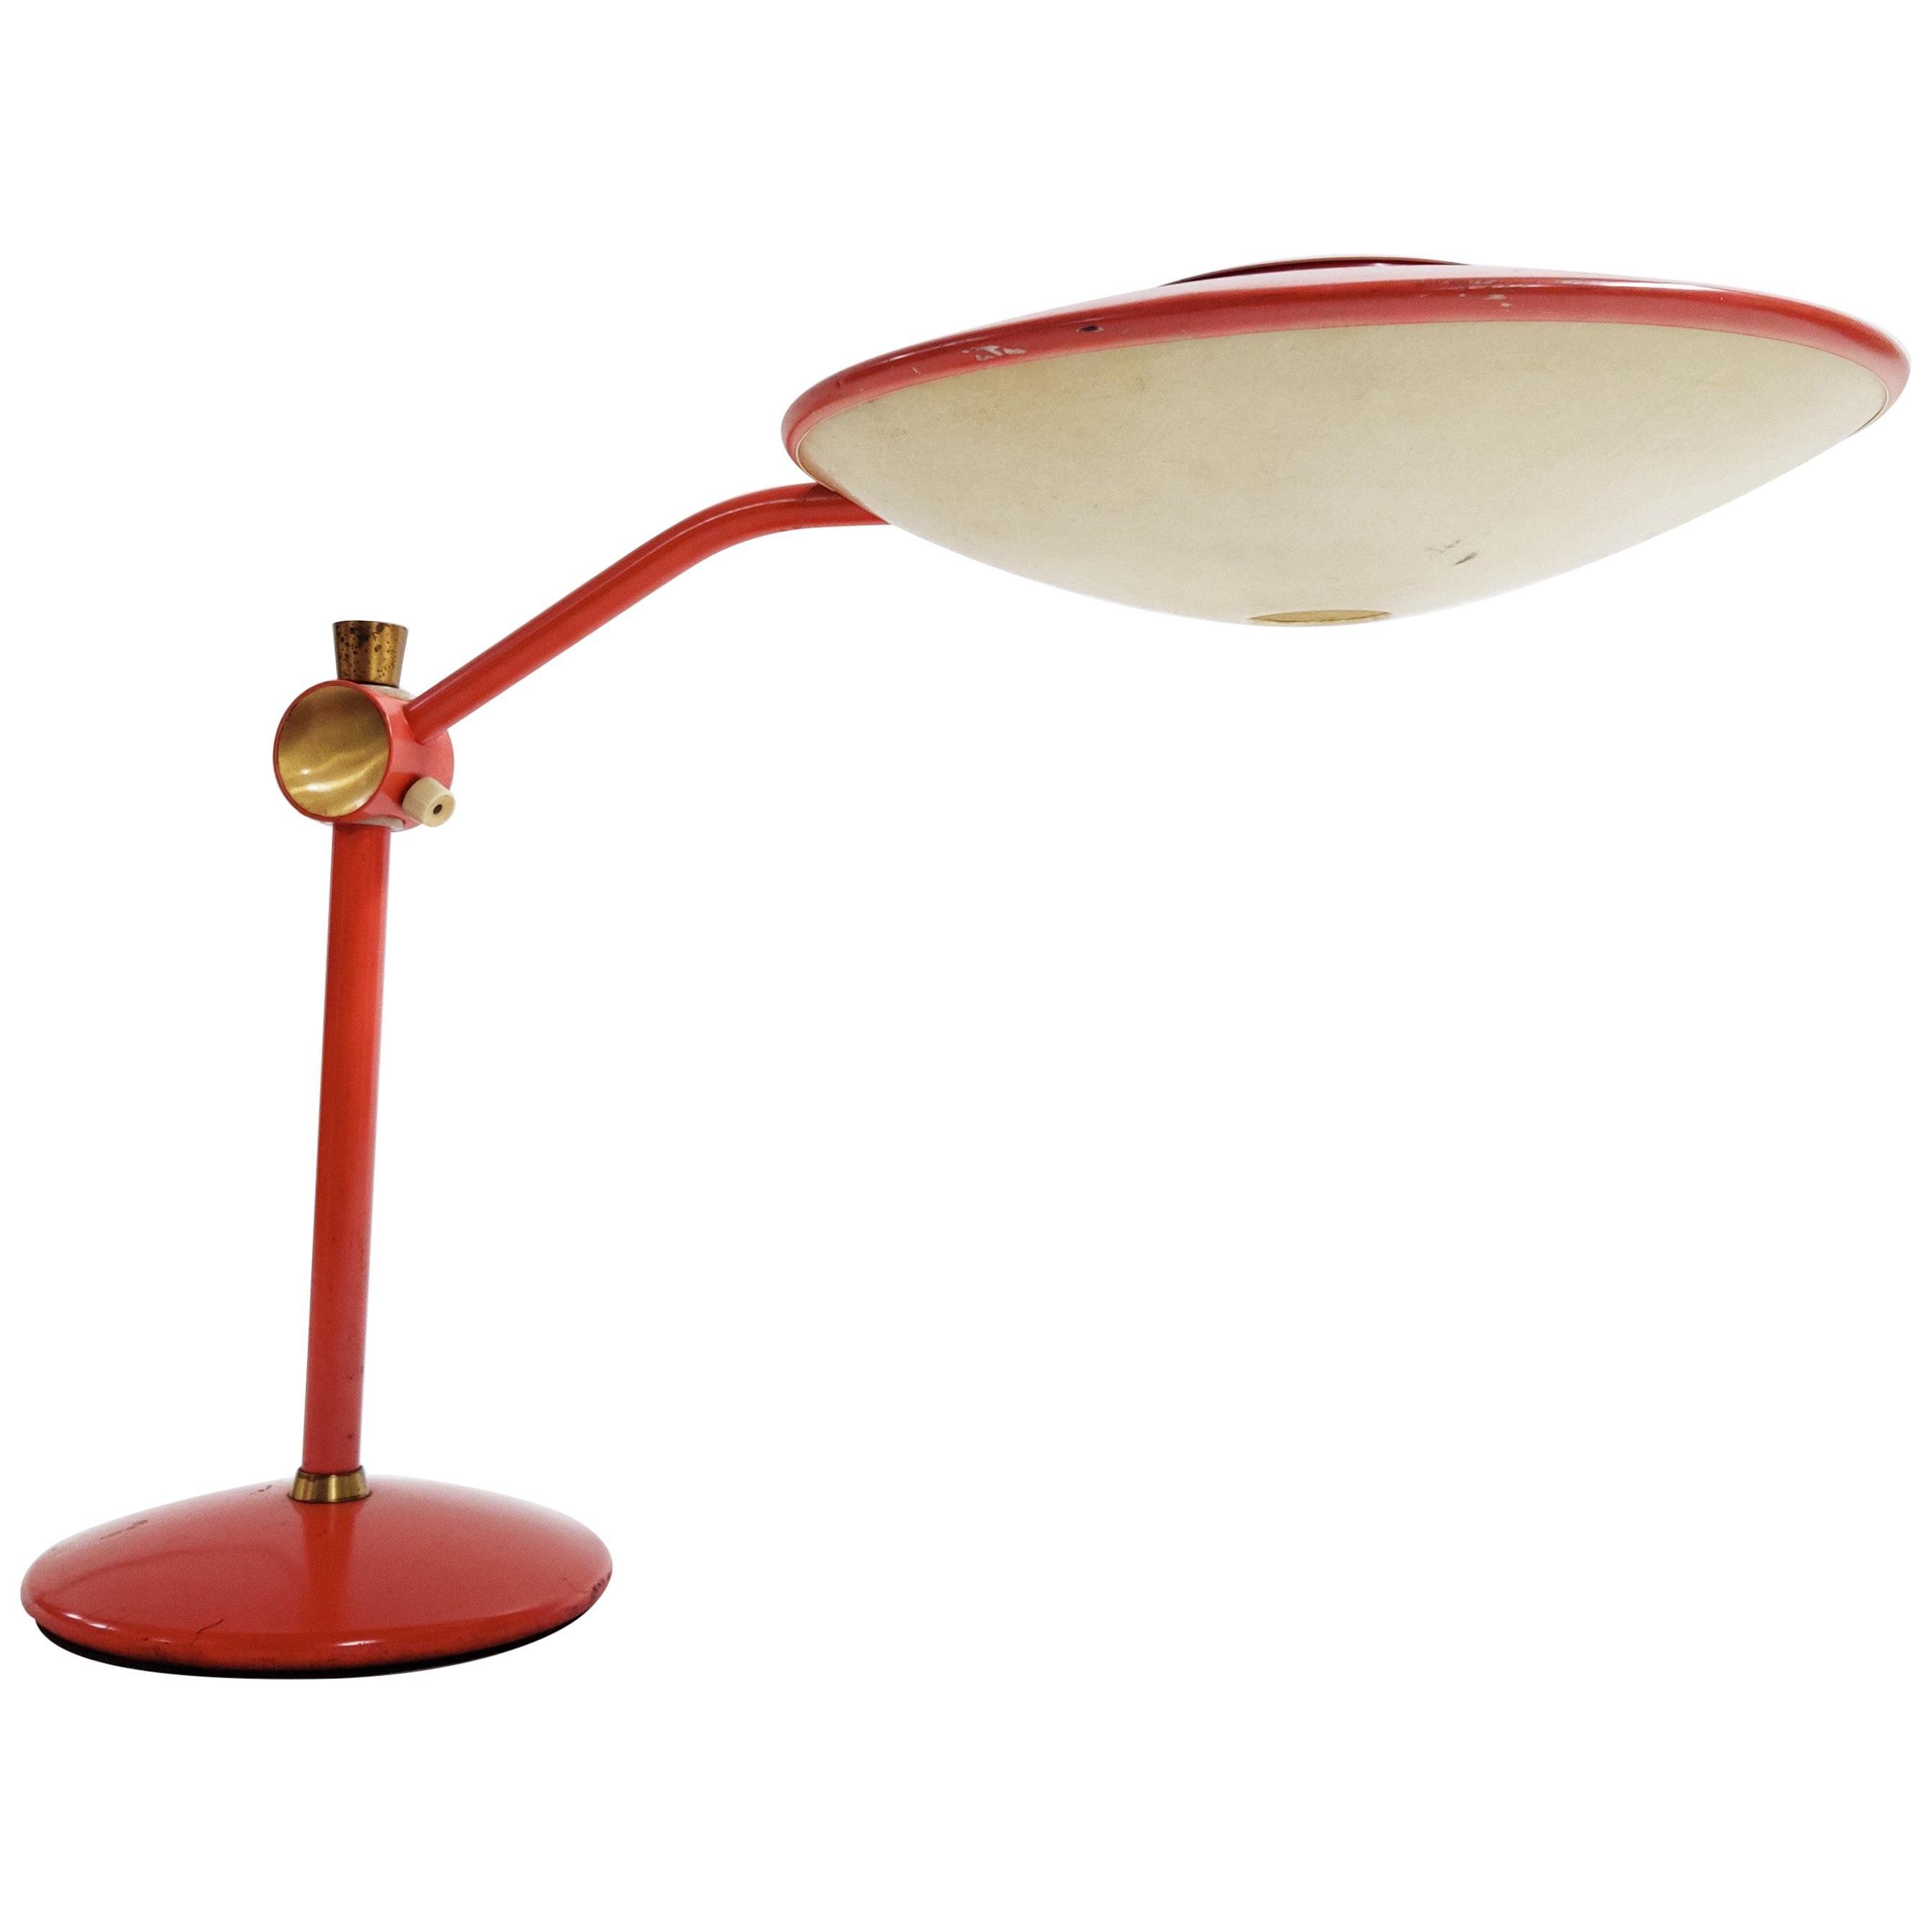 Dazor Desk Lamp Model 2008, 1950s